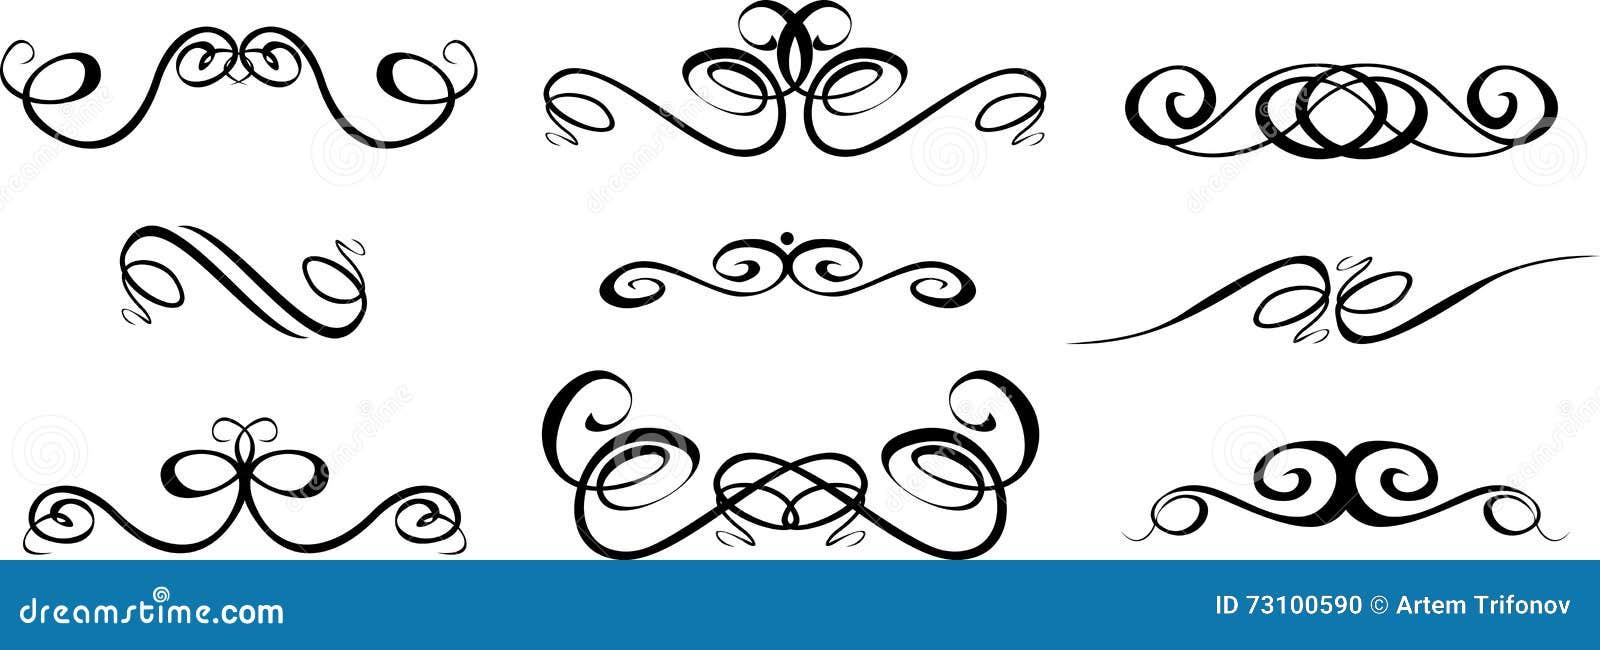 Ornate Set Of Hand Drawn Vintage Frames For Text Decoration In V ...